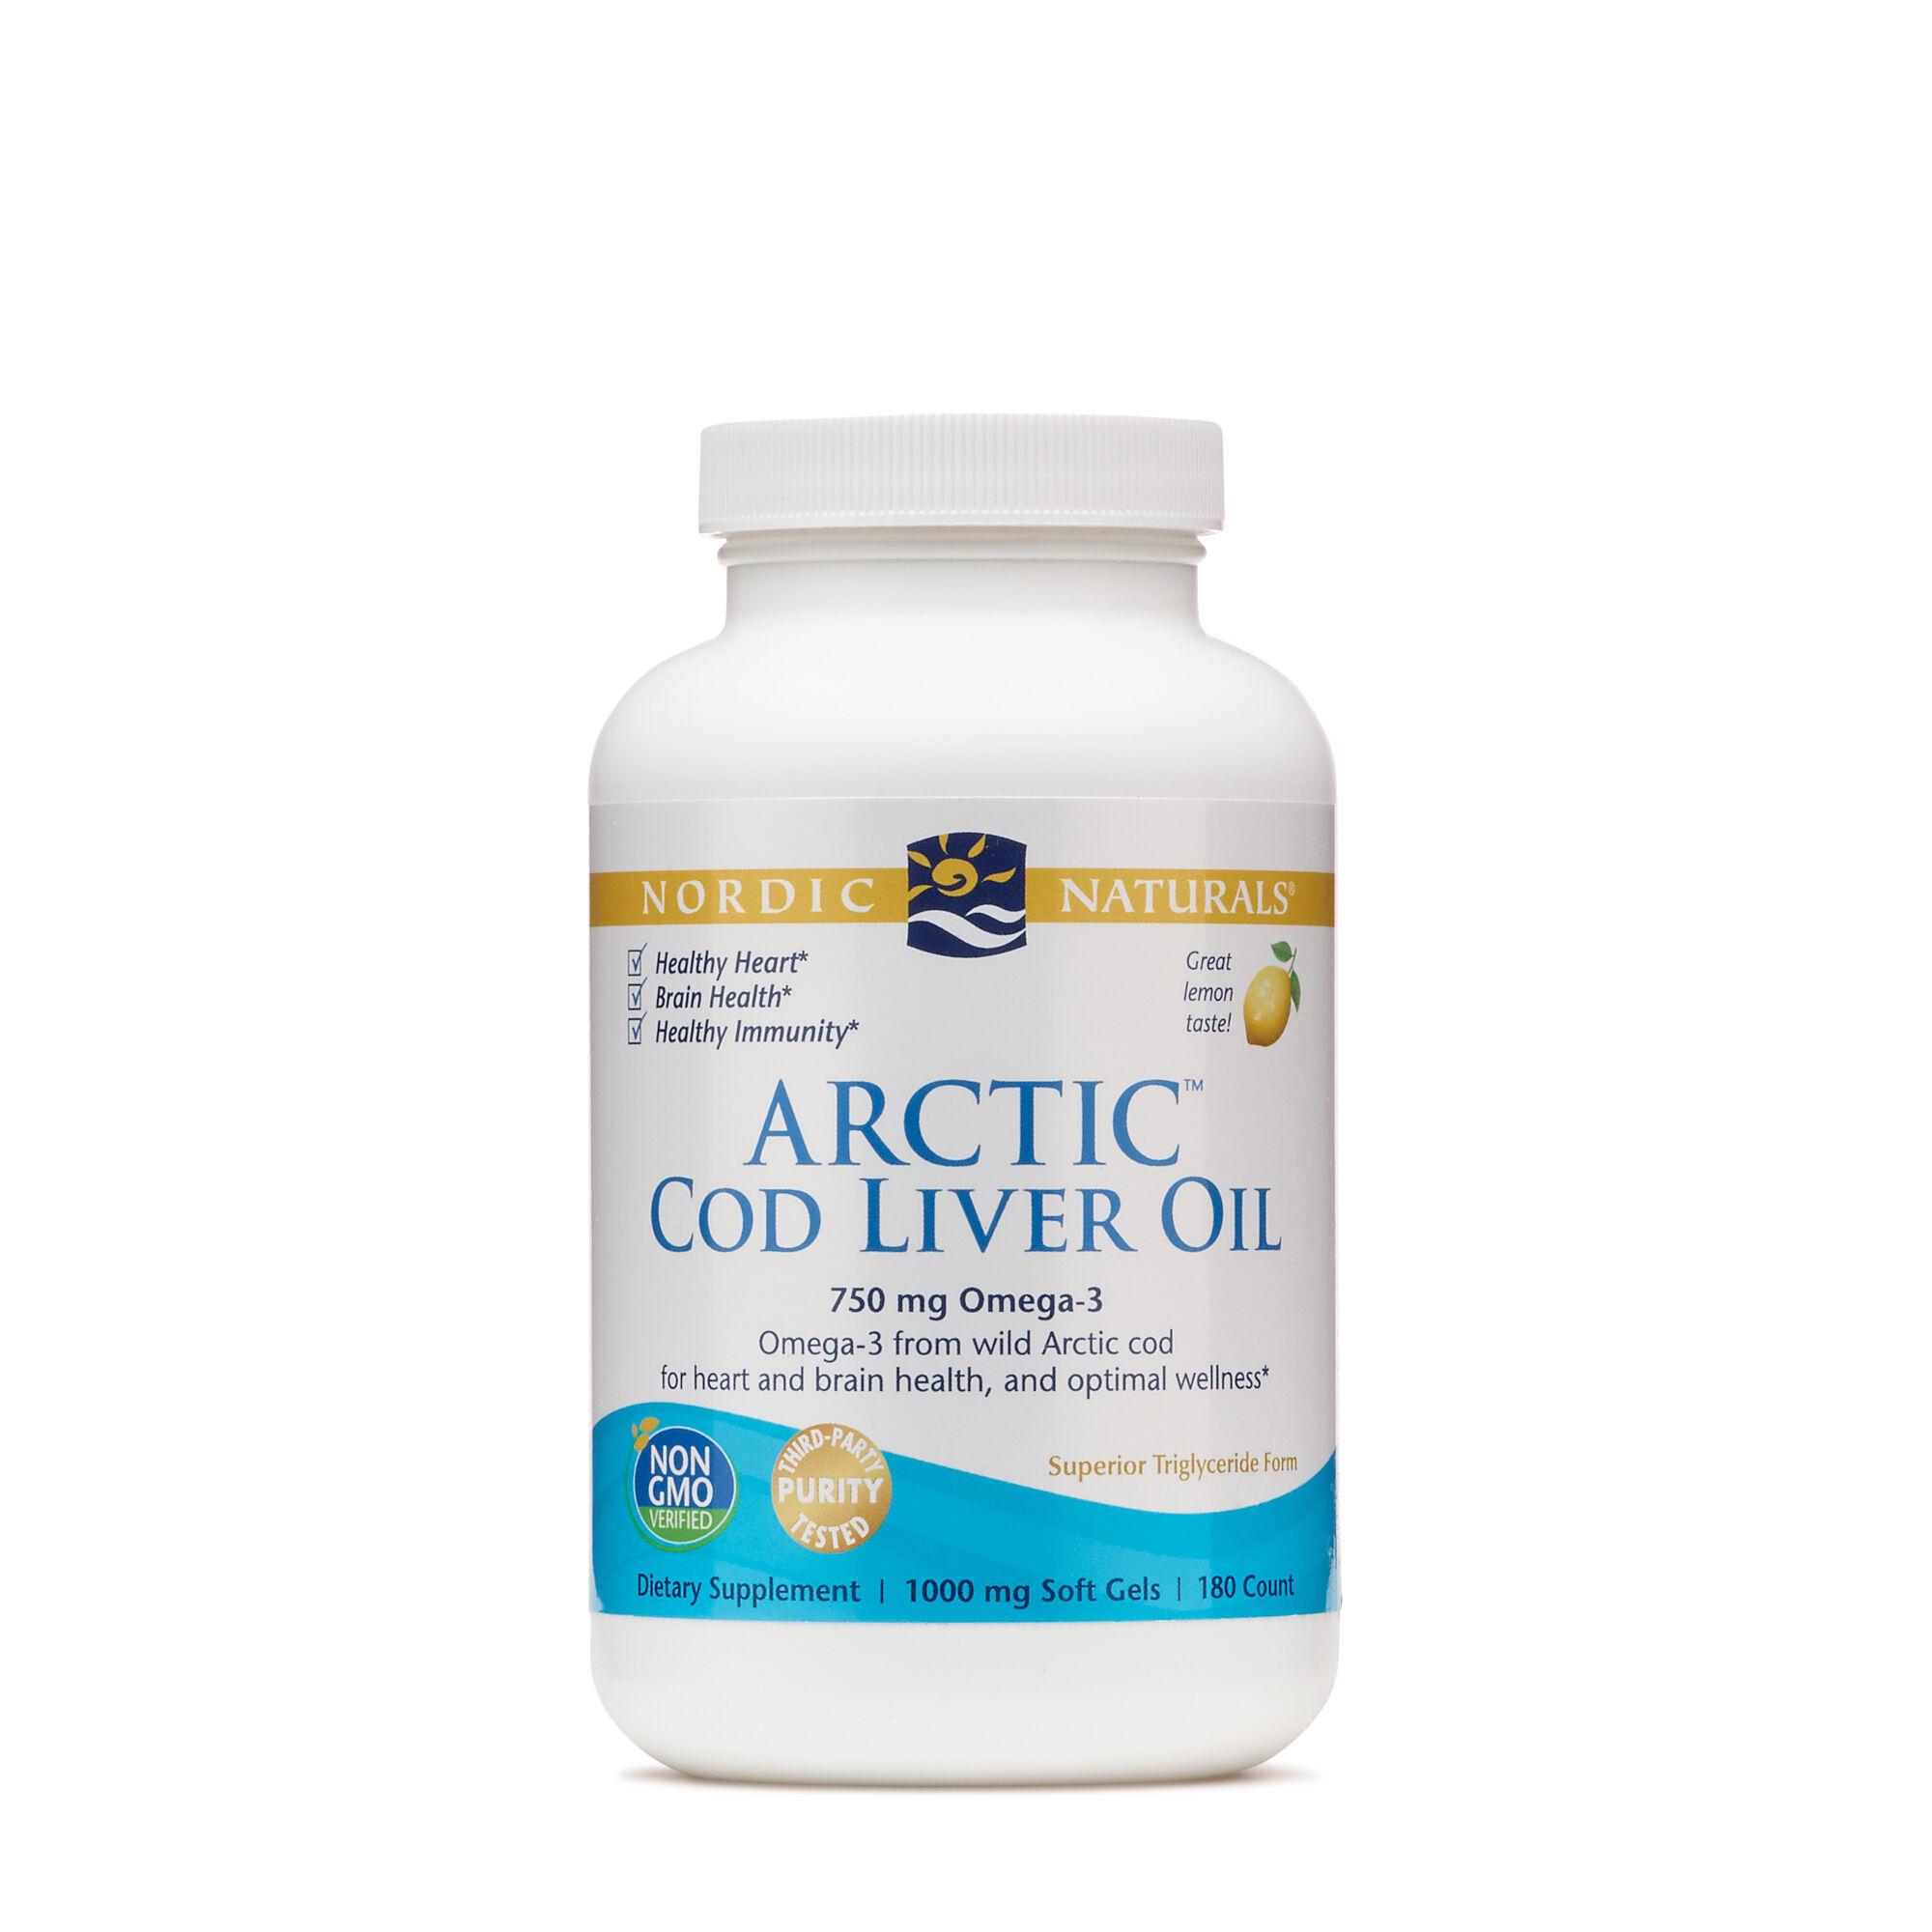 Nordic Naturals® Arctic Cod Liver Oil